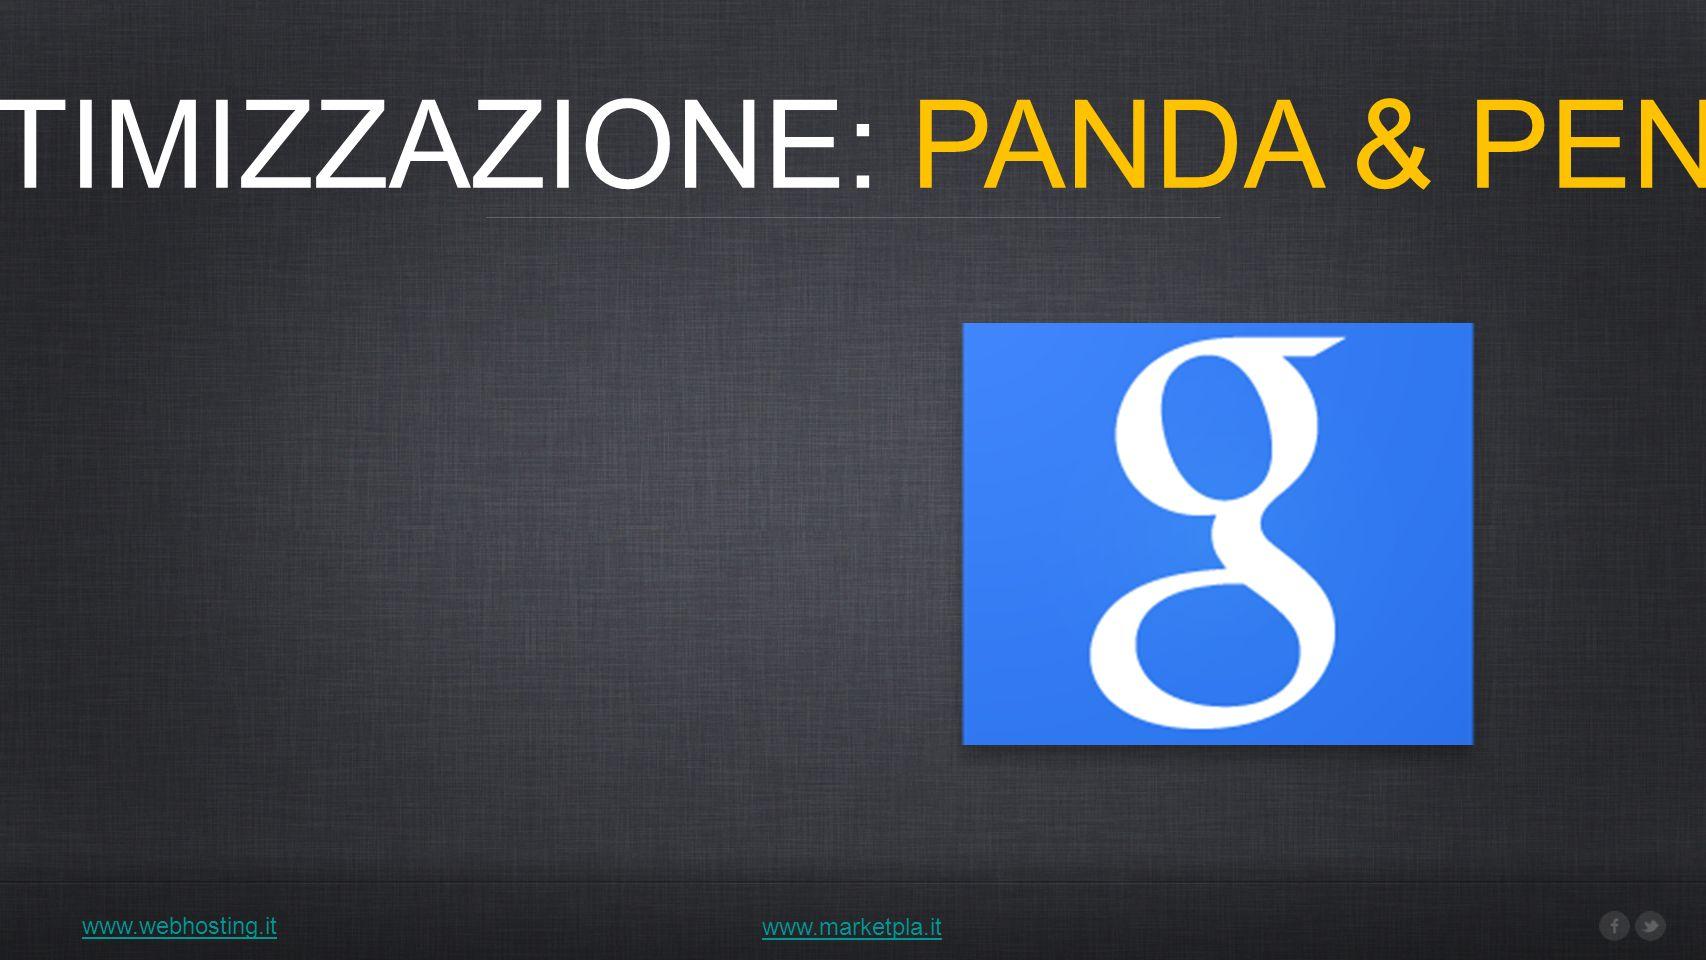 1) OTTIMIZZAZIONE: PANDA & PENGUIN www.webhosting.it www.marketpla.it